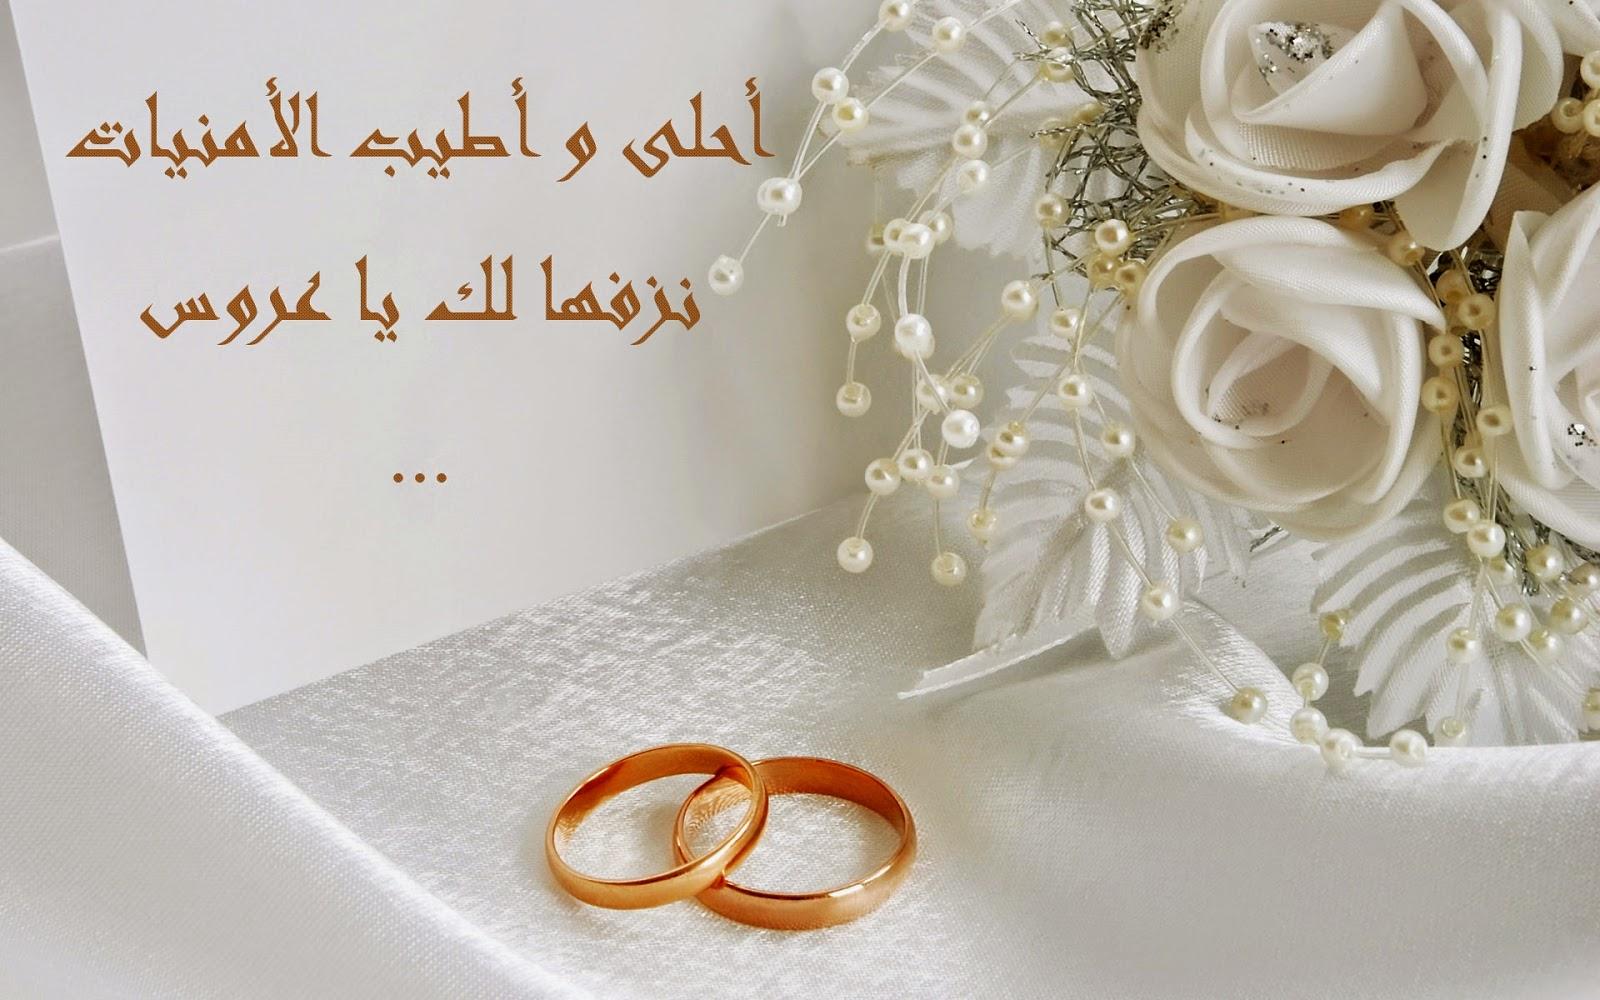 بالصور بطاقة تهنئة زواج , اجمل العبارات تهنئه بالزواج 6719 2